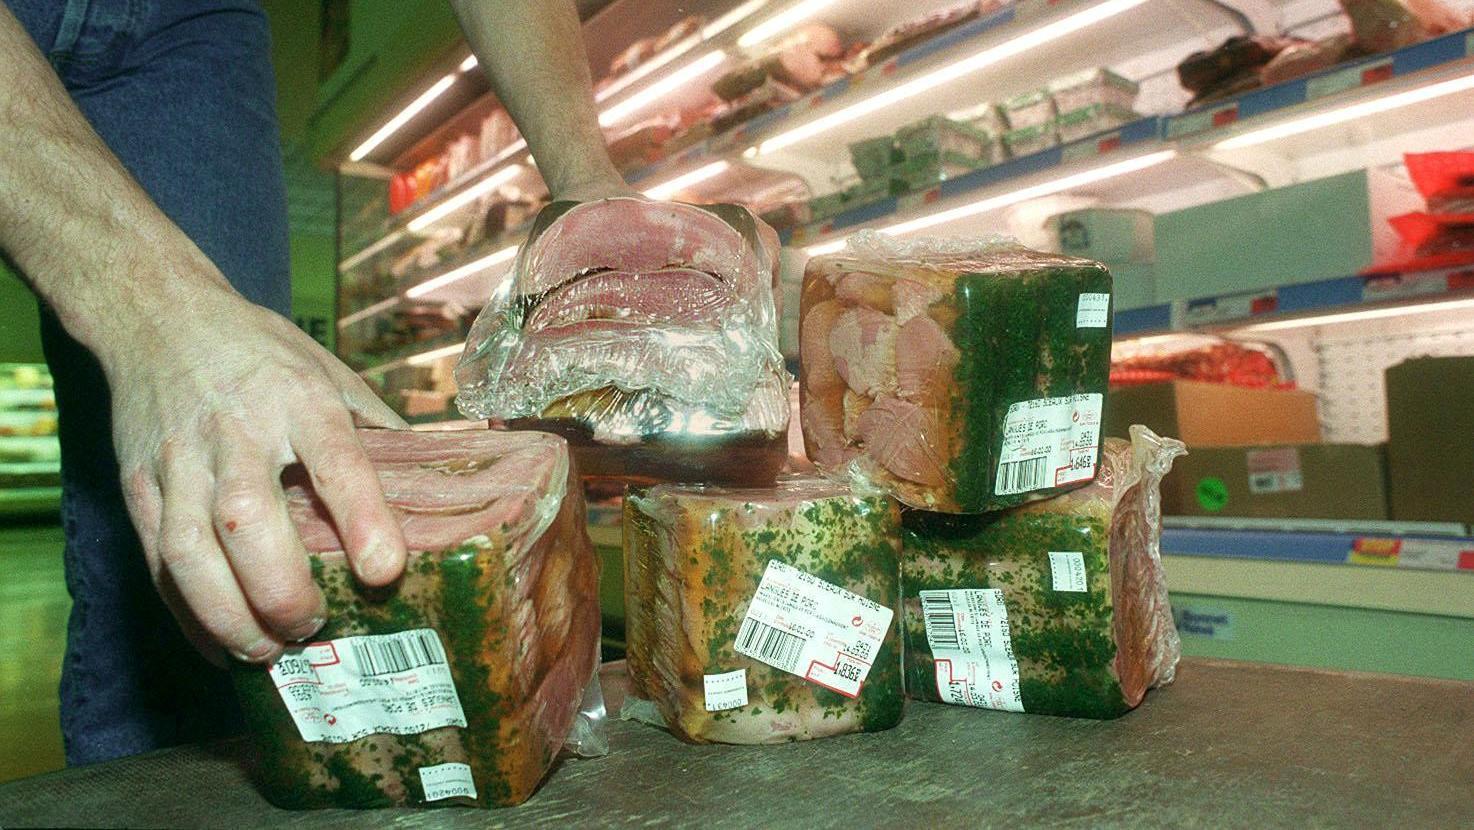 Rappel de langues de porcs en gelée Tradival après huit cas de listériose